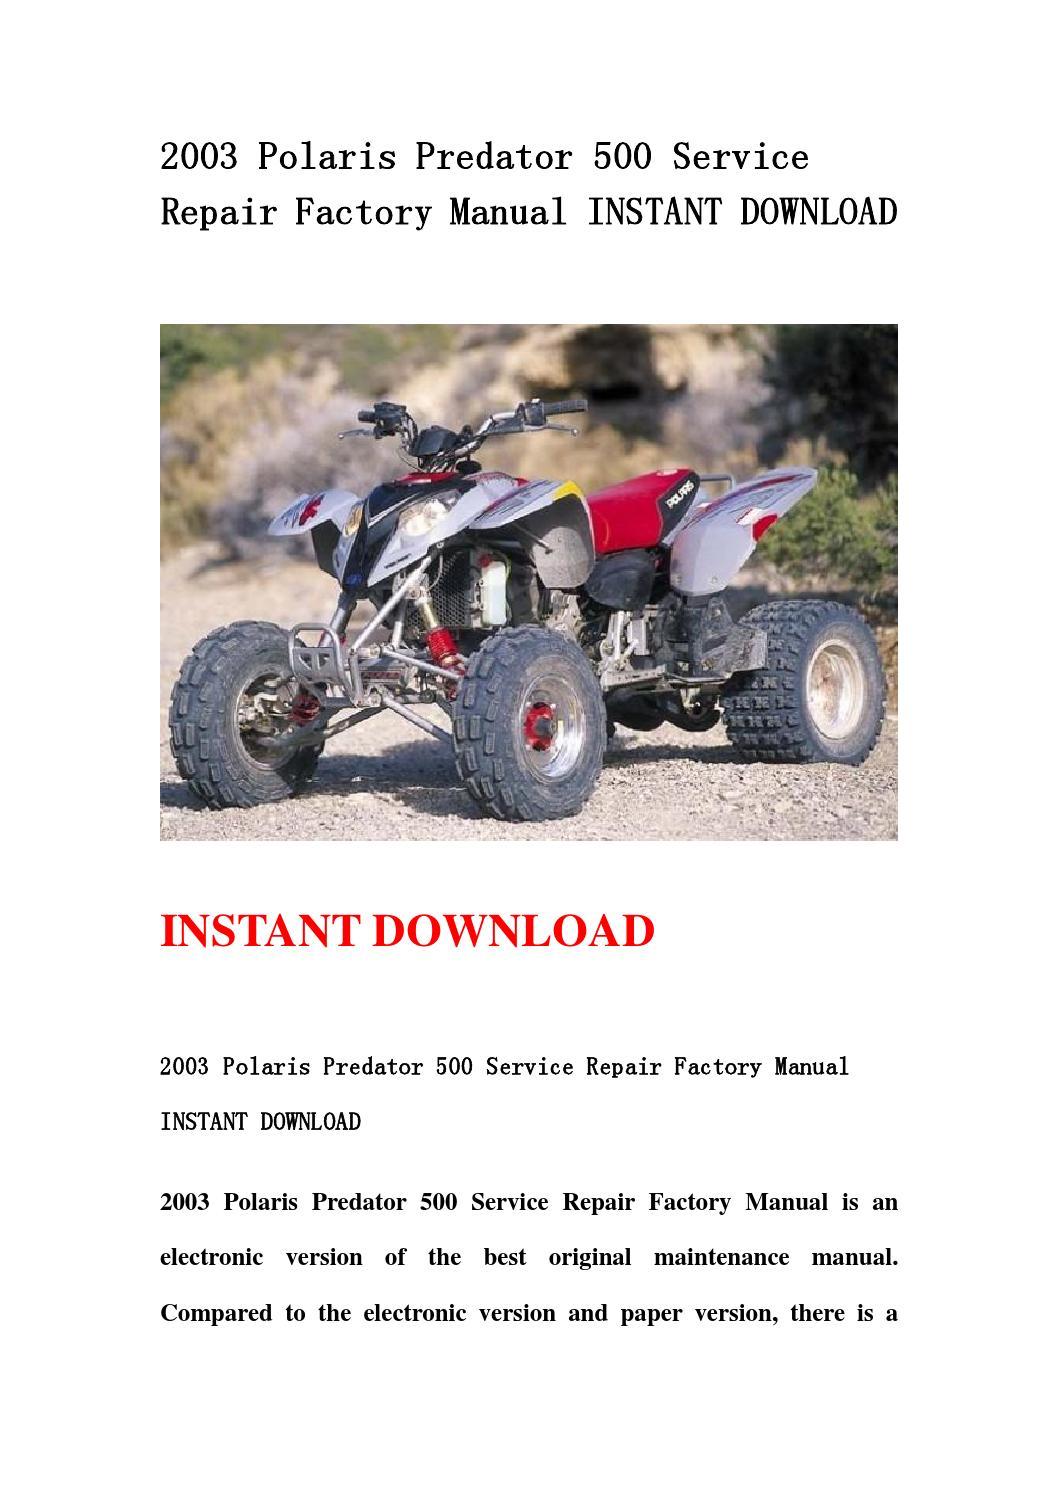 U7146 Predator Manual Diablosport Wiring Diagram